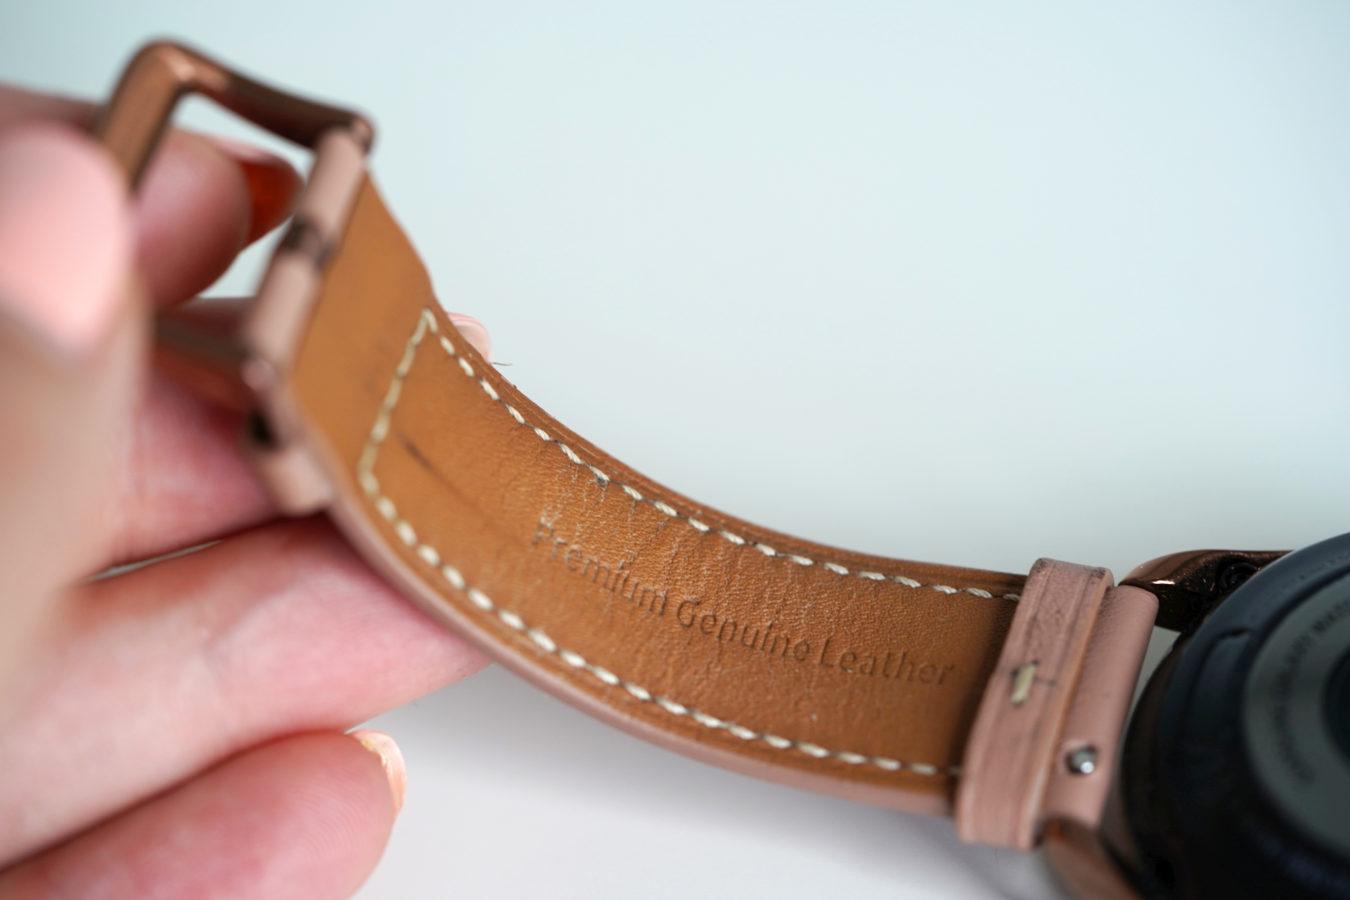 Chciałabym, żeby działał dłużej - taki jest fajny. Recenzja Samsung Galaxy Watch 3 39 samsung galaxy watch 3